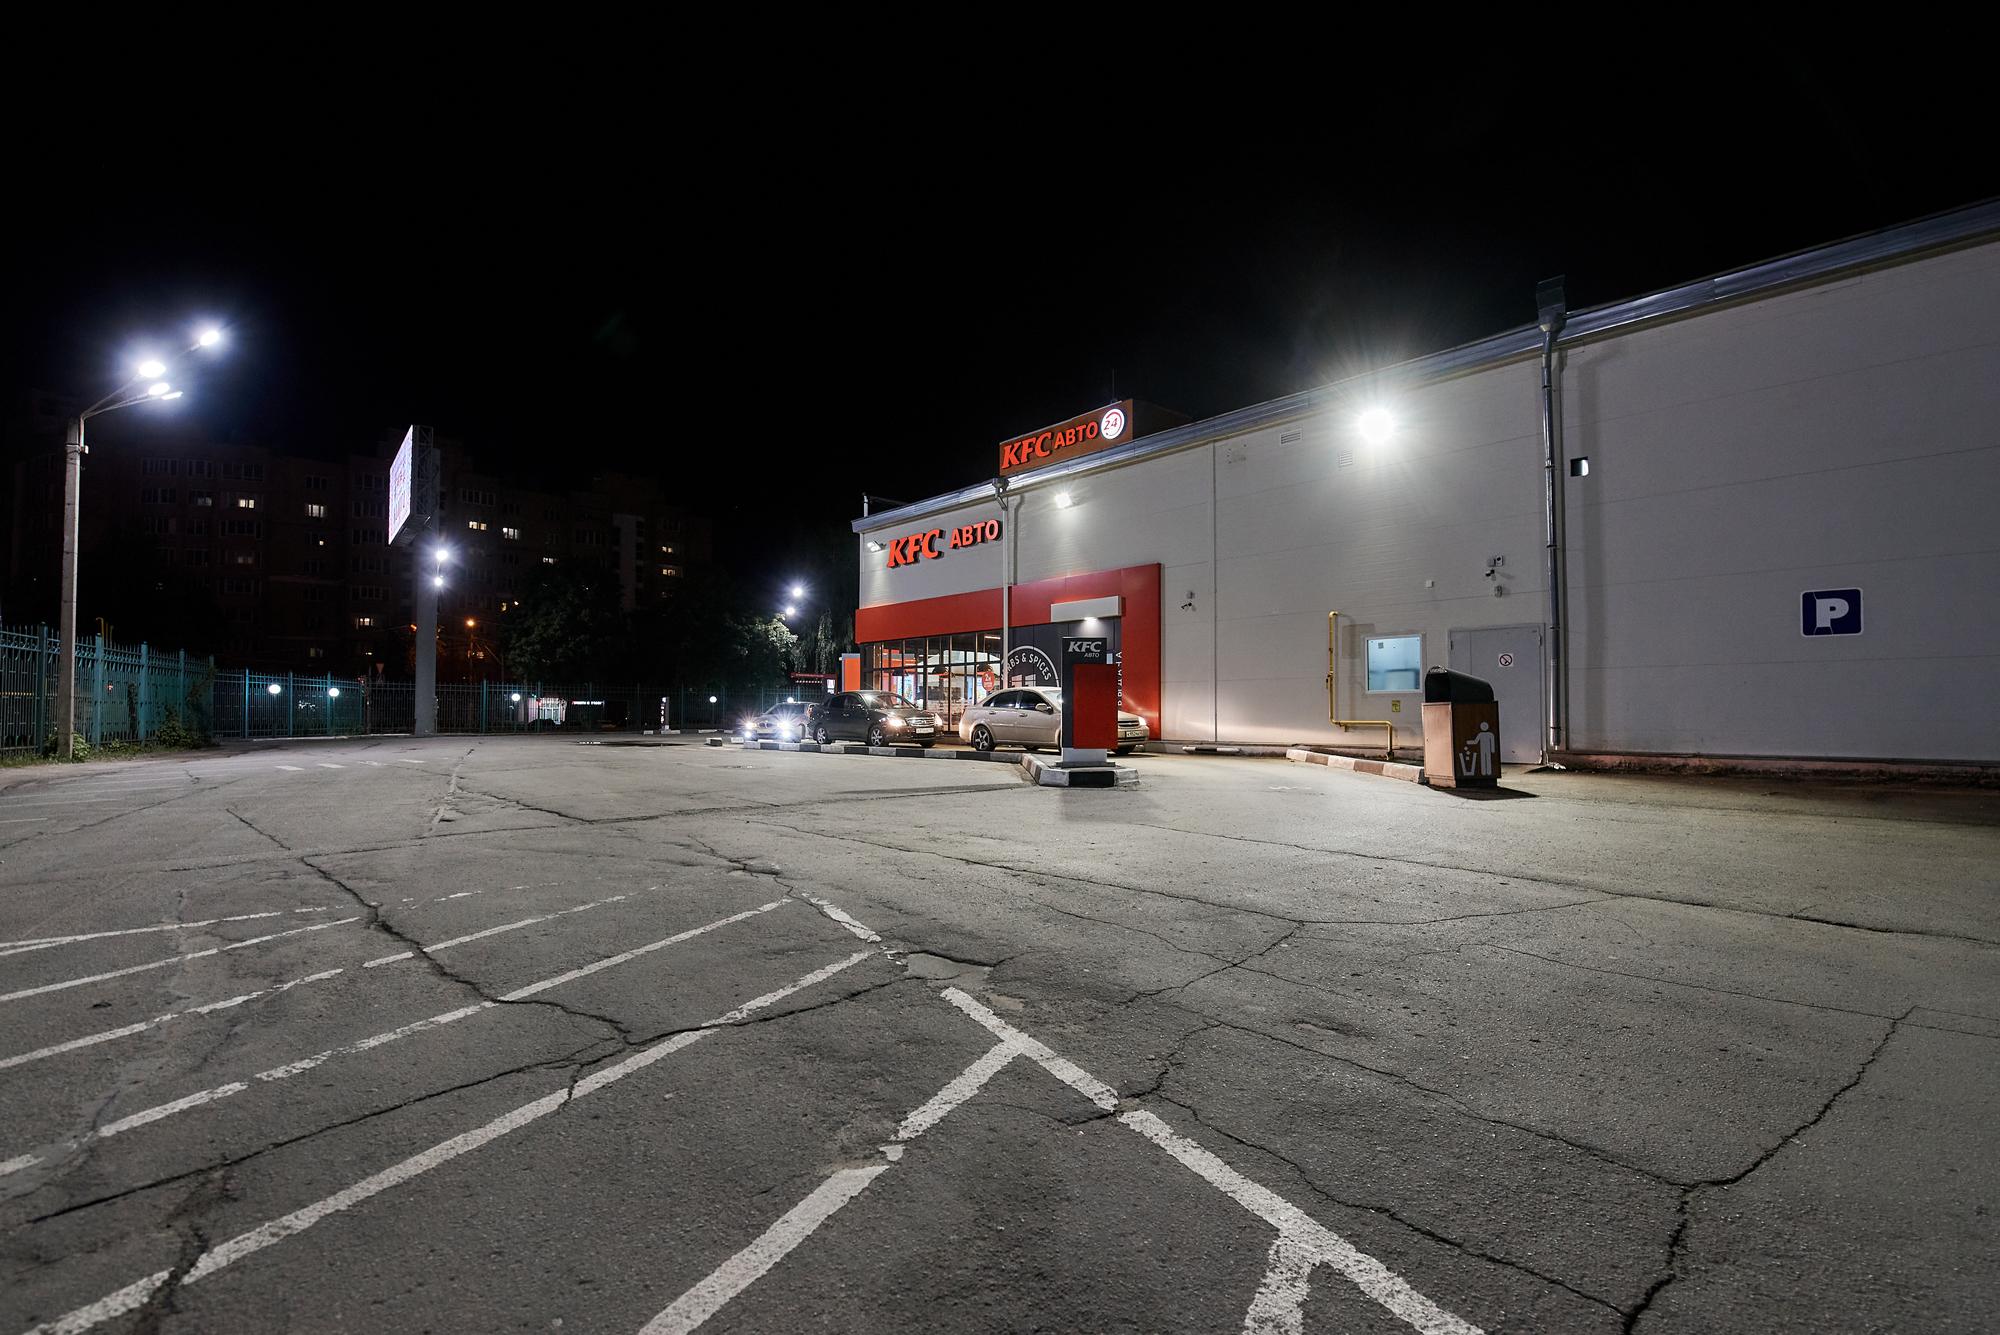 Реализованный проект освещения территории ресторана KFC, г. Калуга